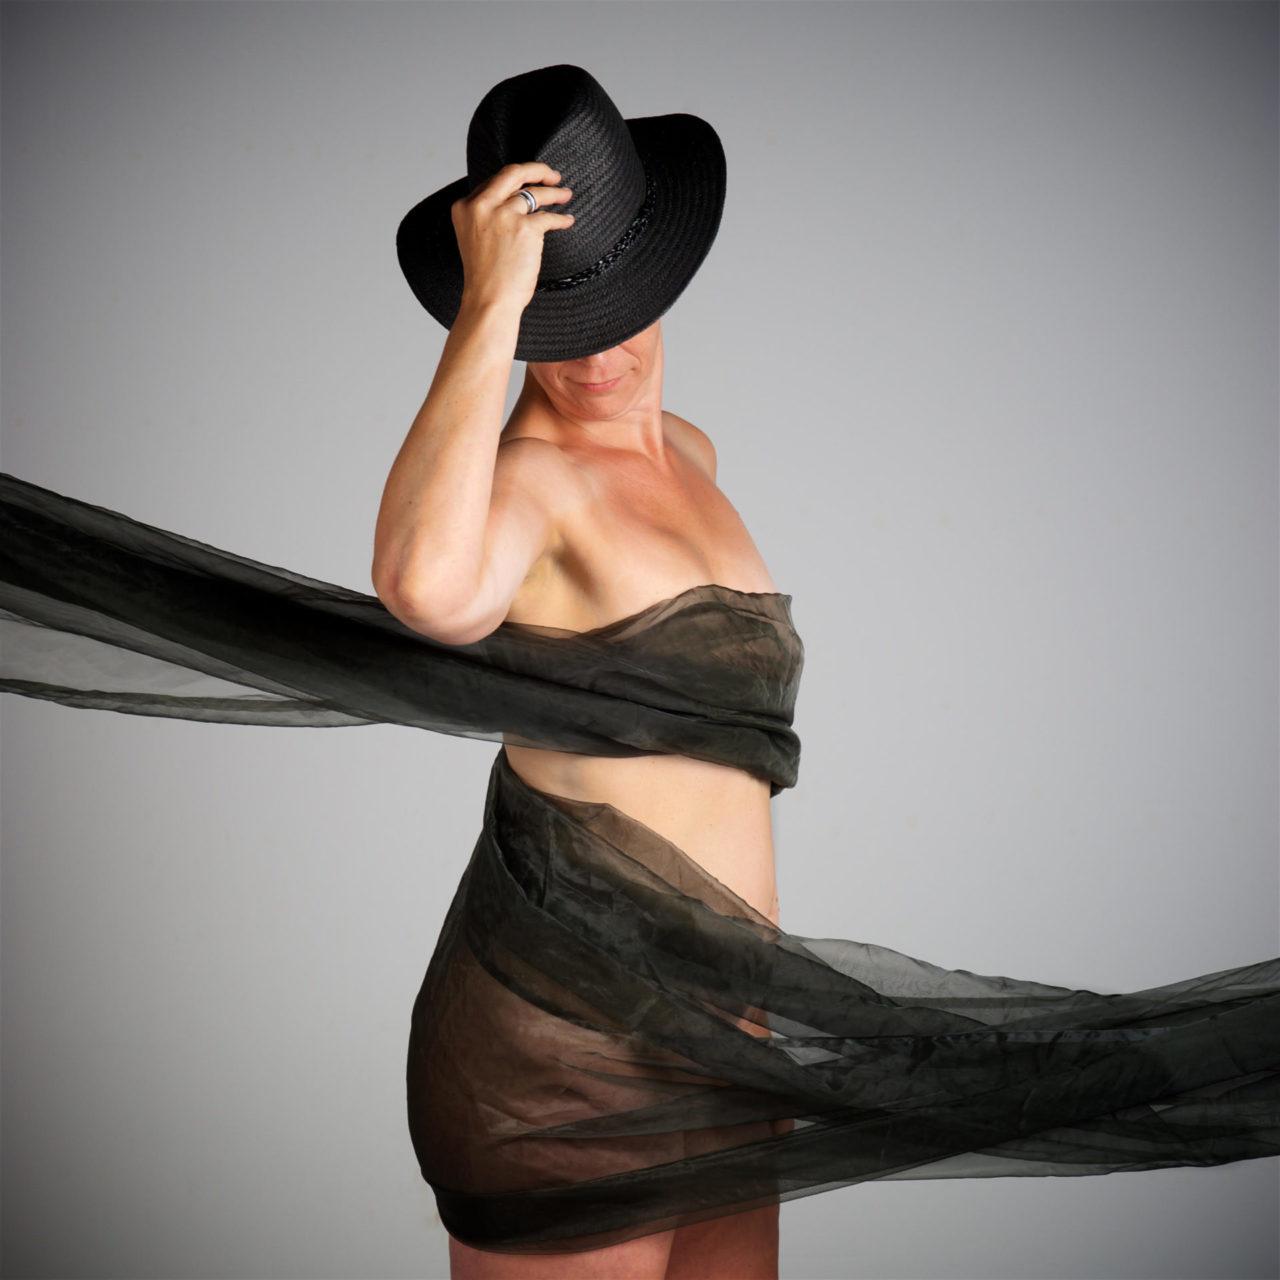 De vrouw draagt enkel een tule doek, hoed en ring